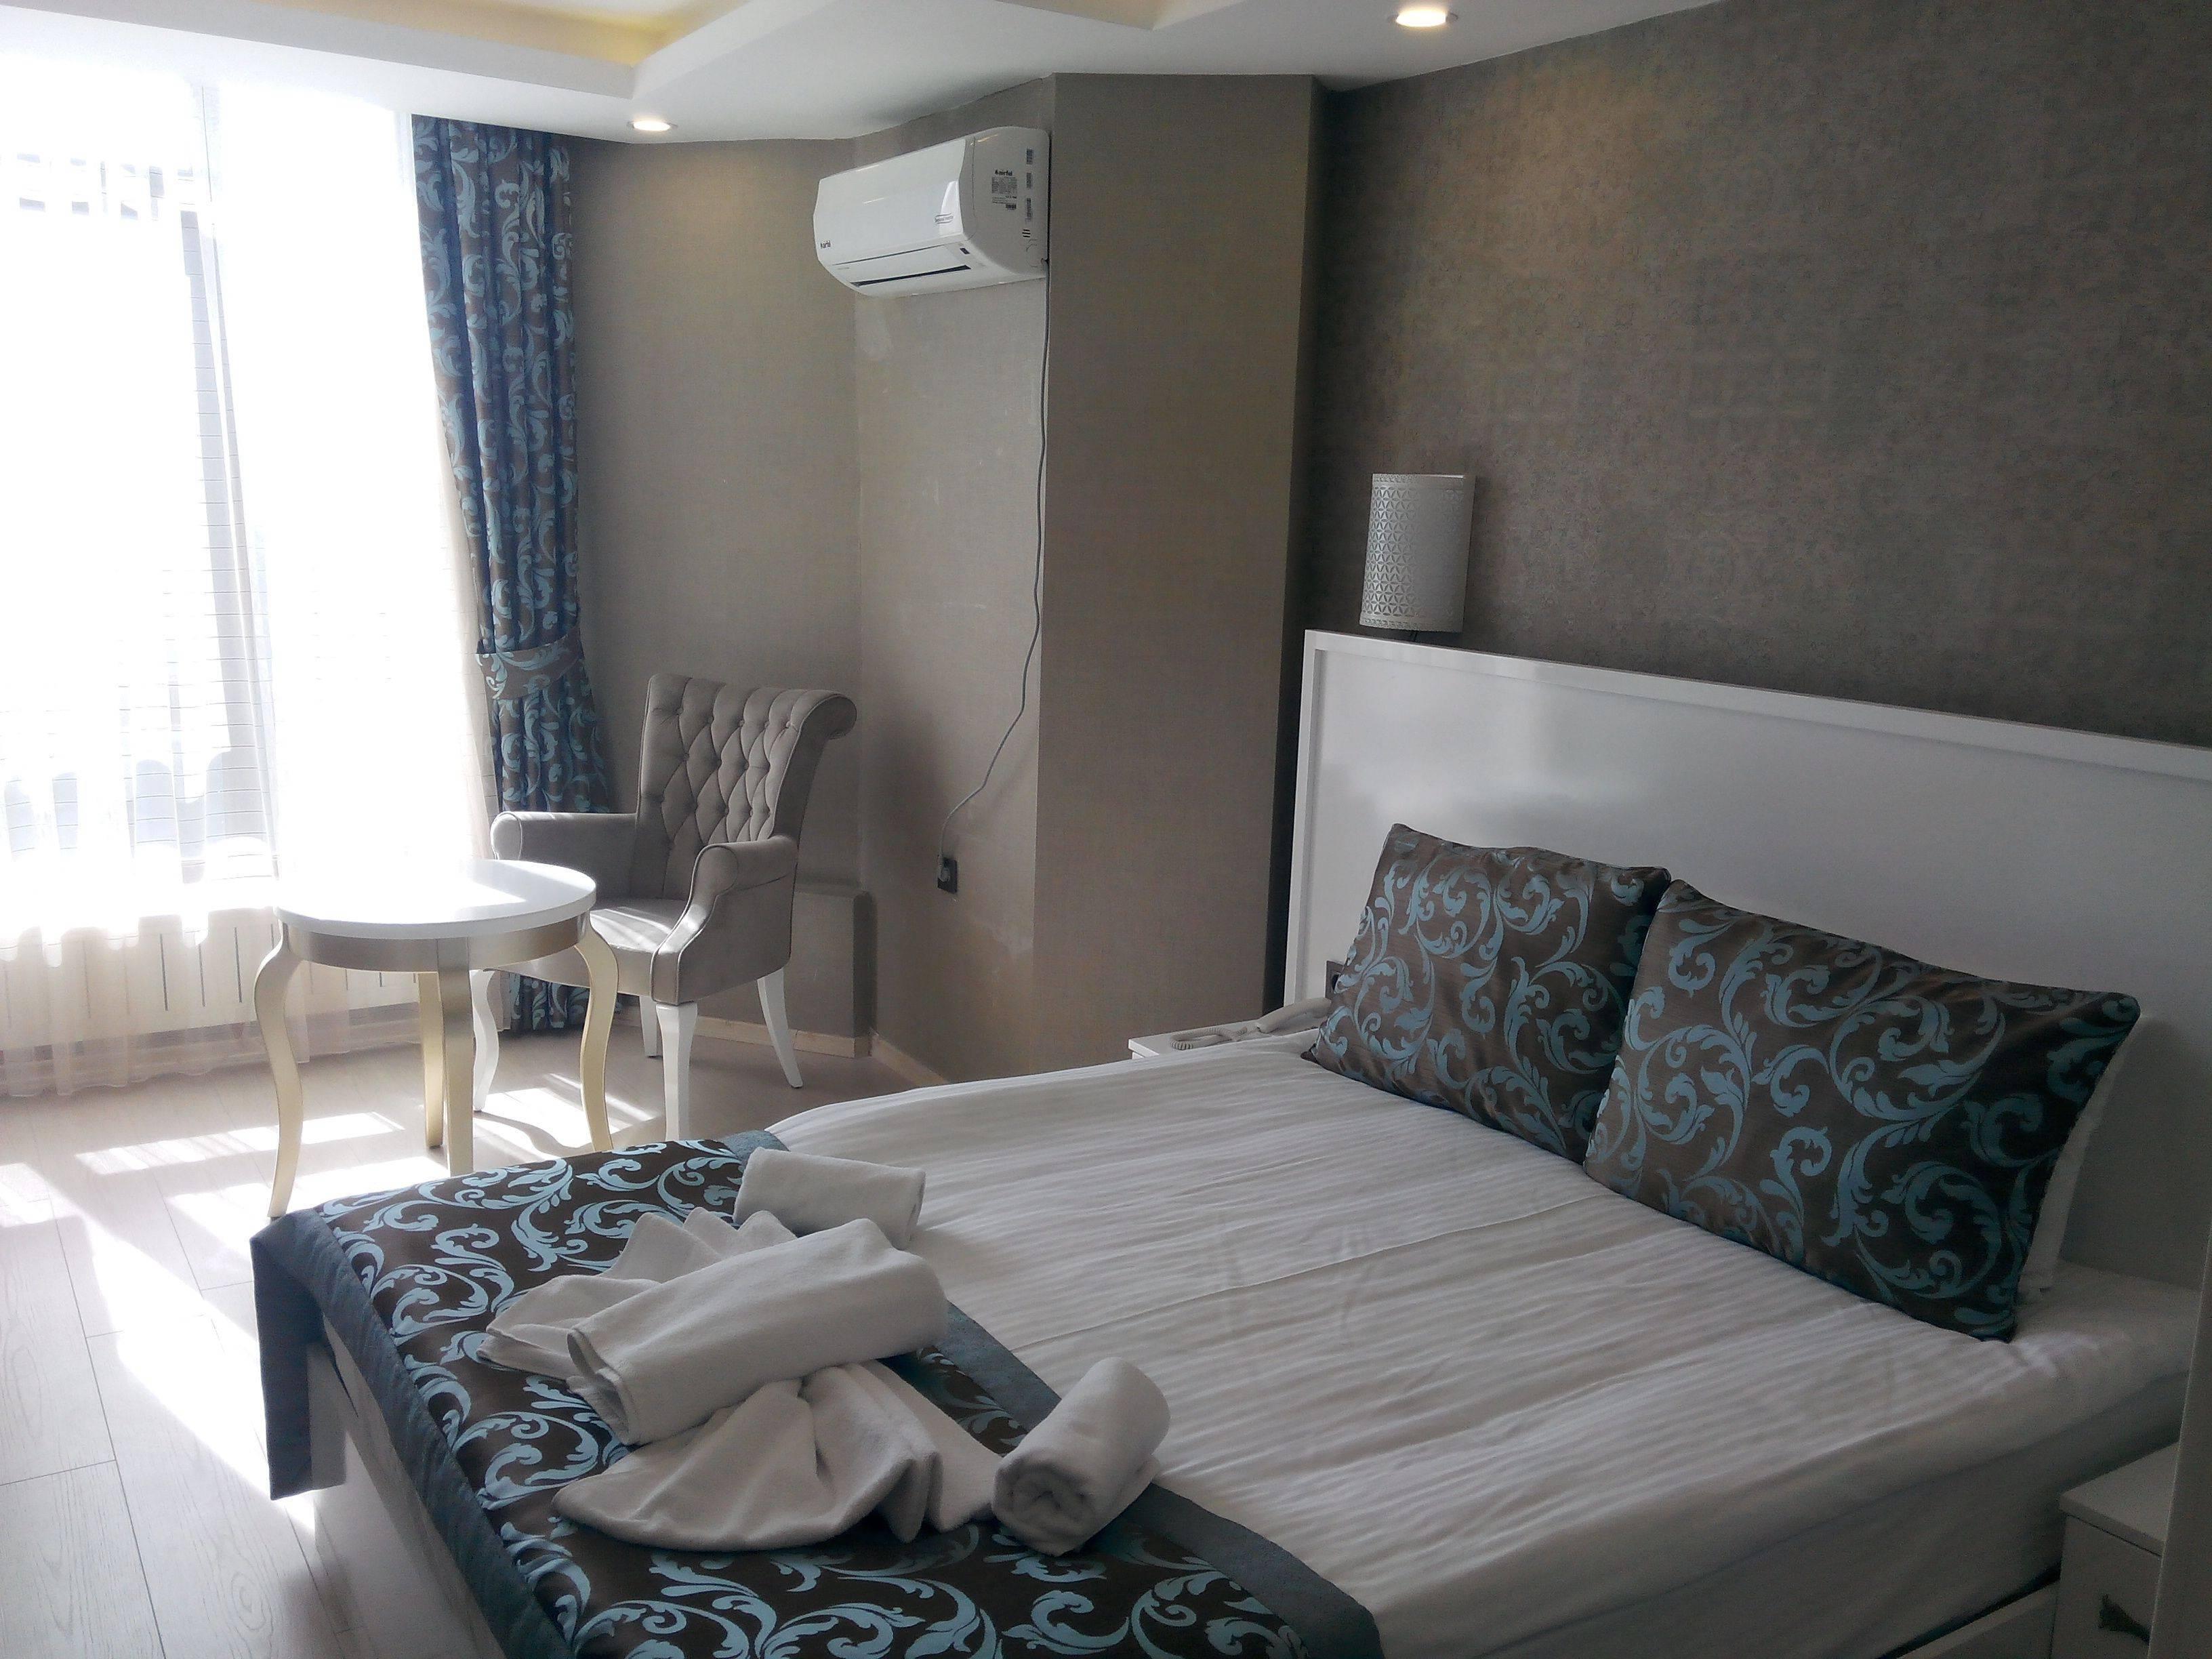 Beyaz Saray Otel, Kırıkkale, Kırıkkale Merkez, 24453